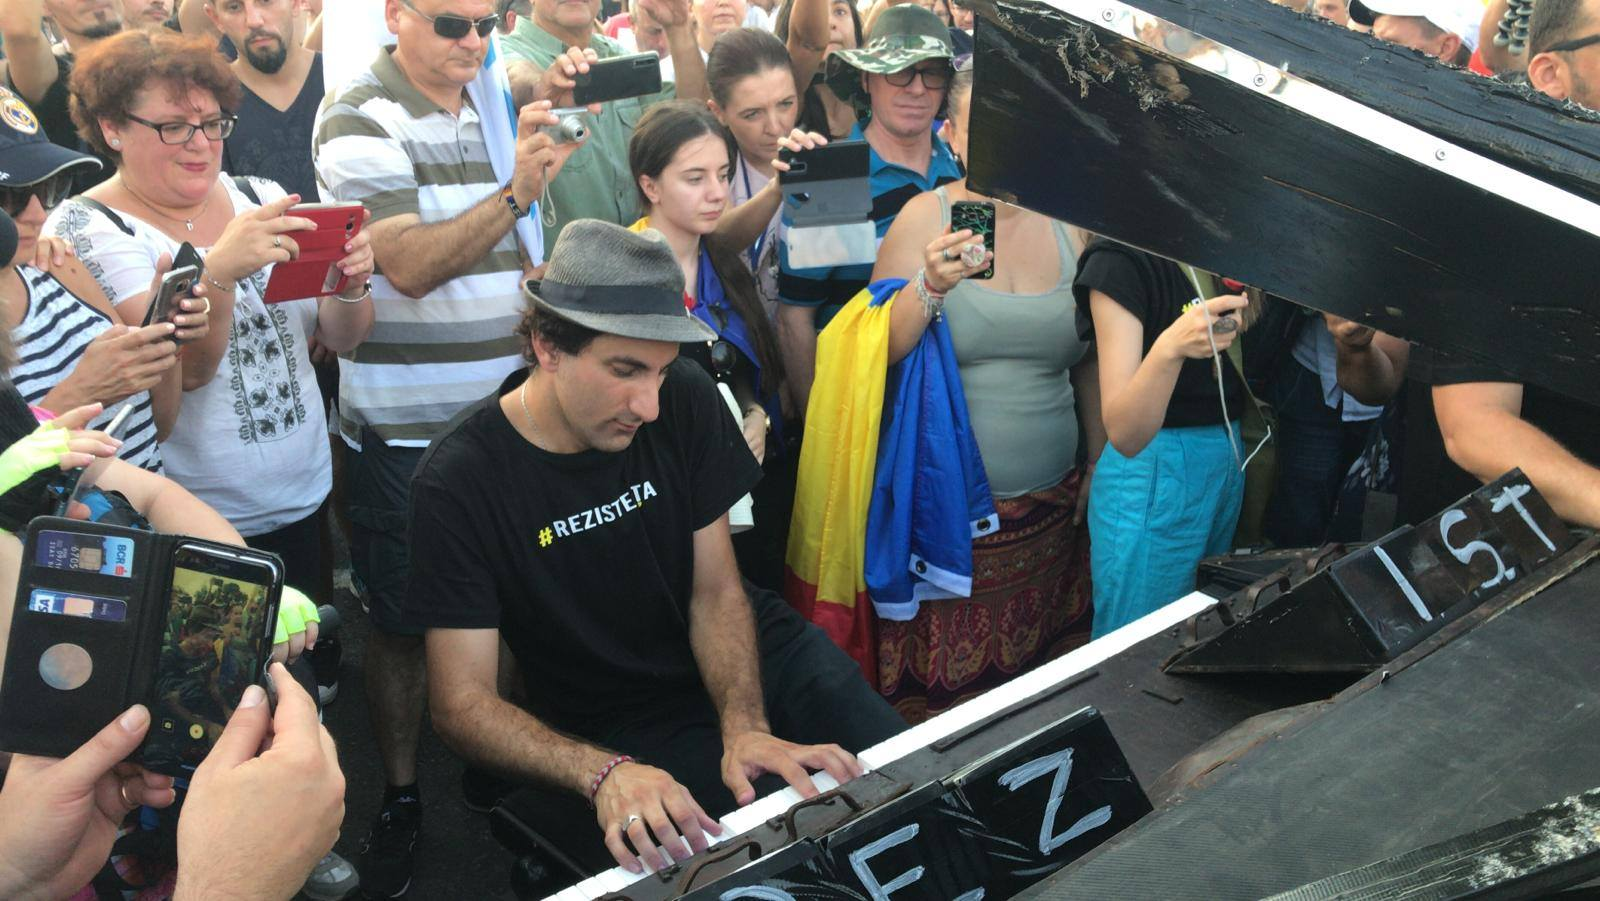 Celebrul pianist Davide Martello a cântat în mijlocul protestatarilor din Piața Victoriei